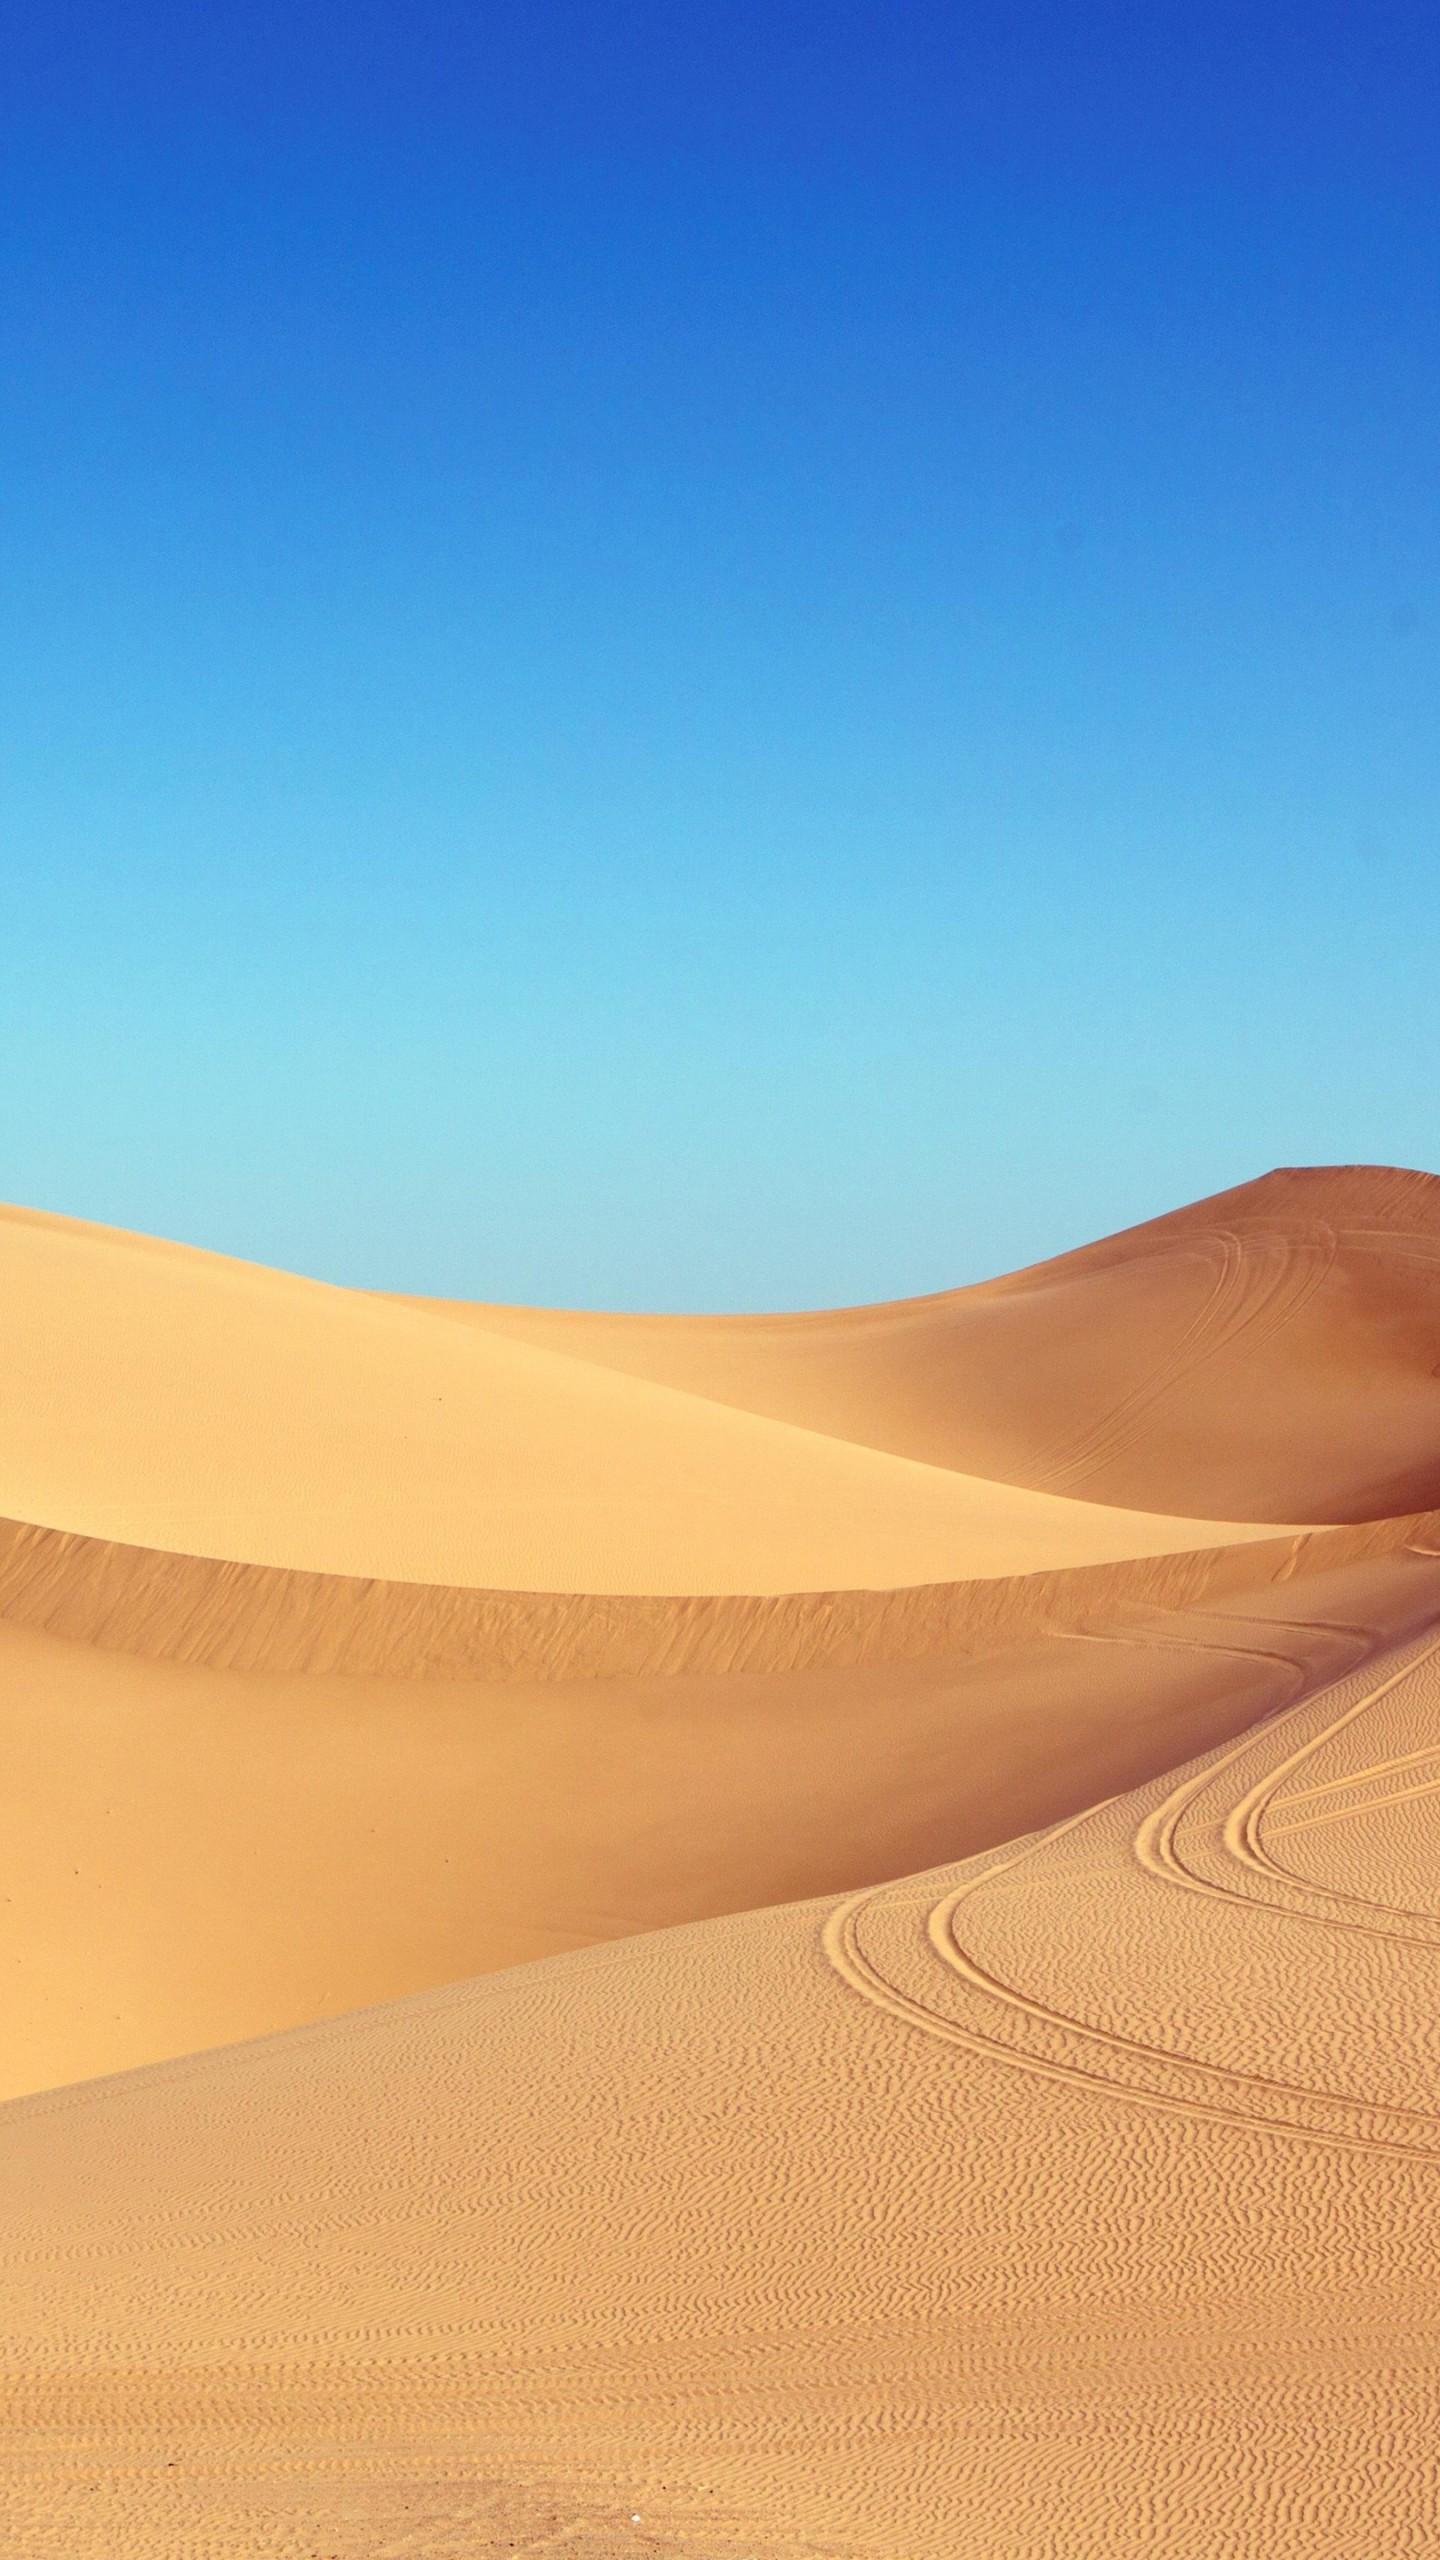 Wallpaper Desert 5k 4k Wallpaper 8k Sand Algodones